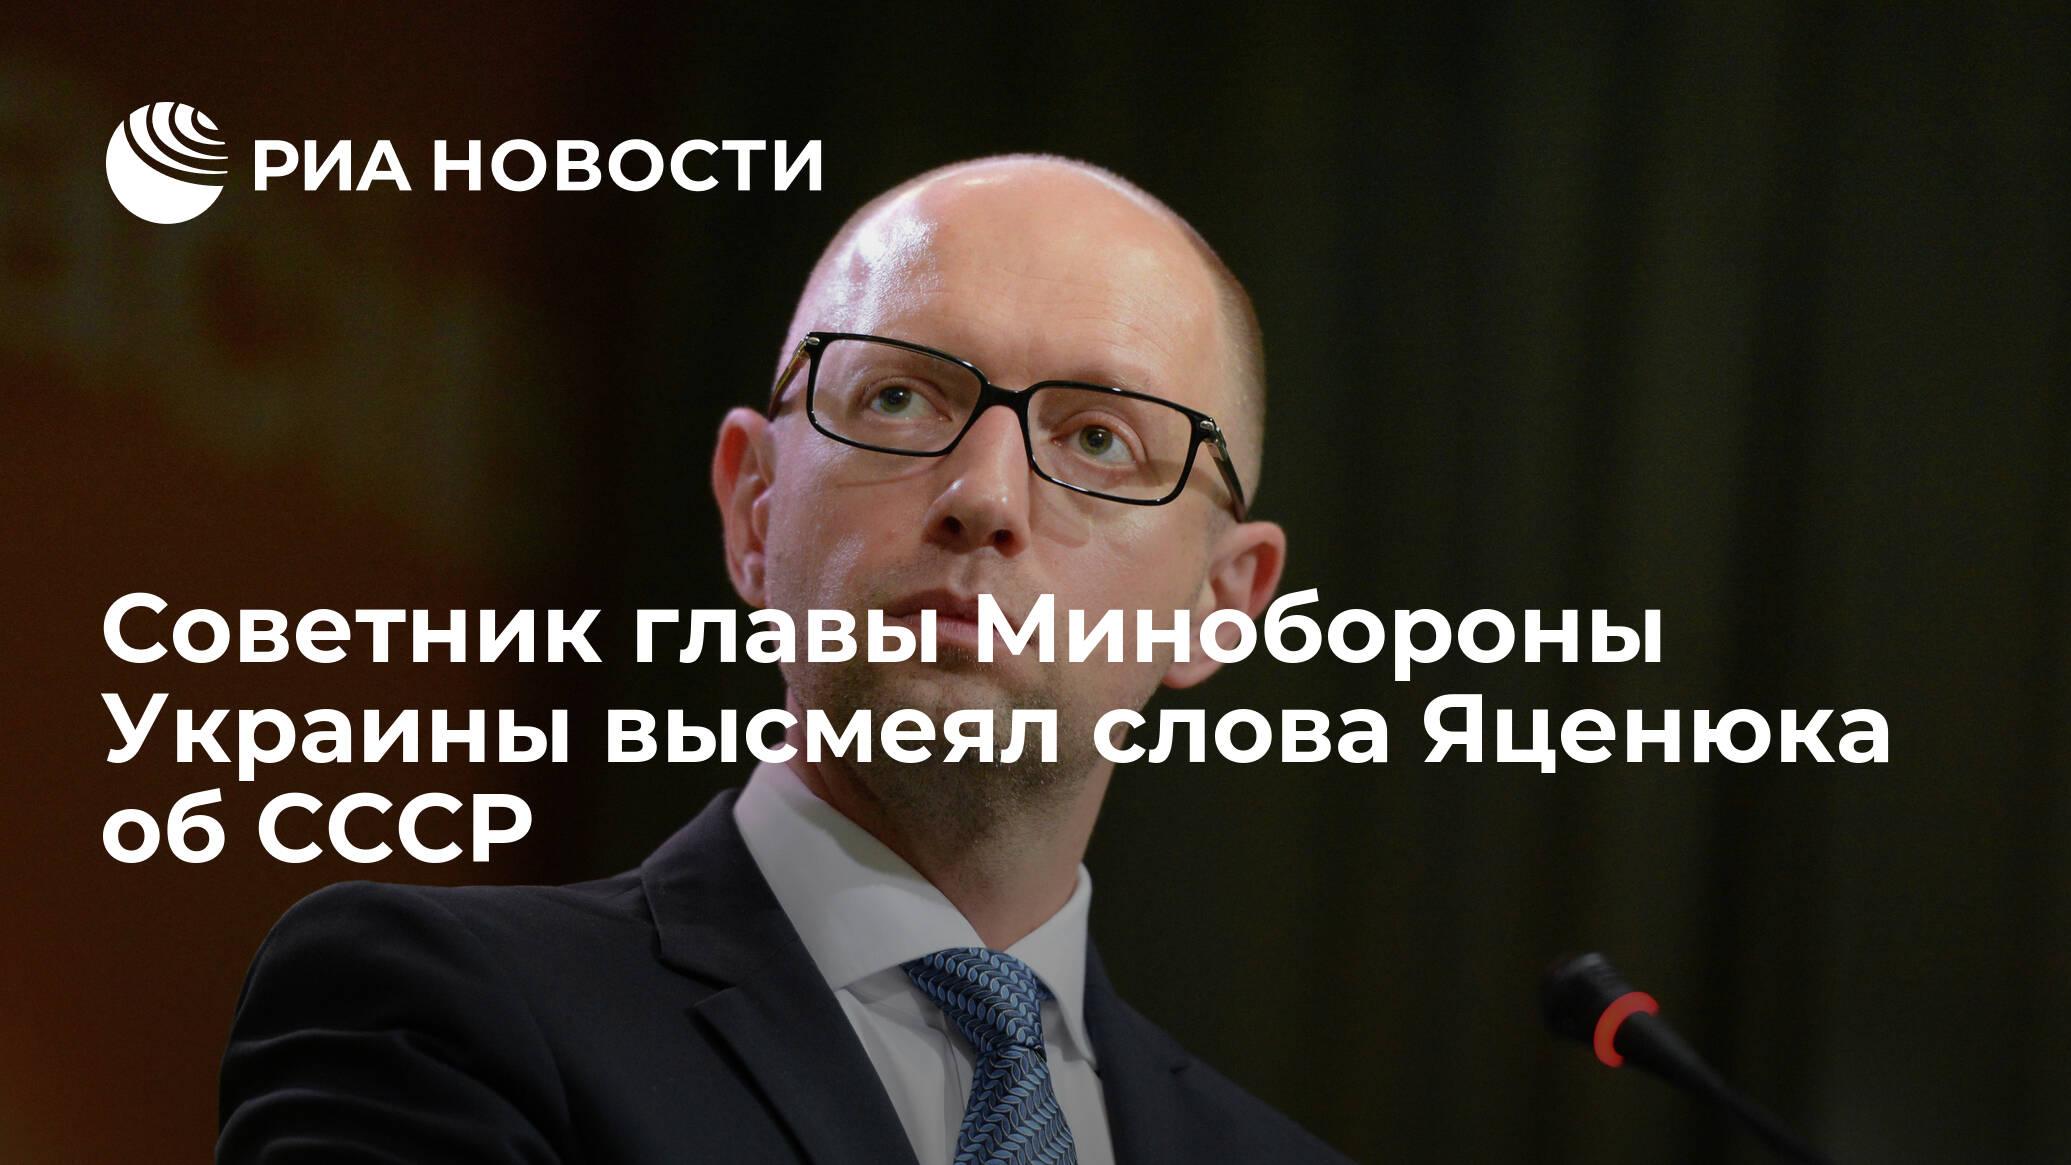 риа новости ссср